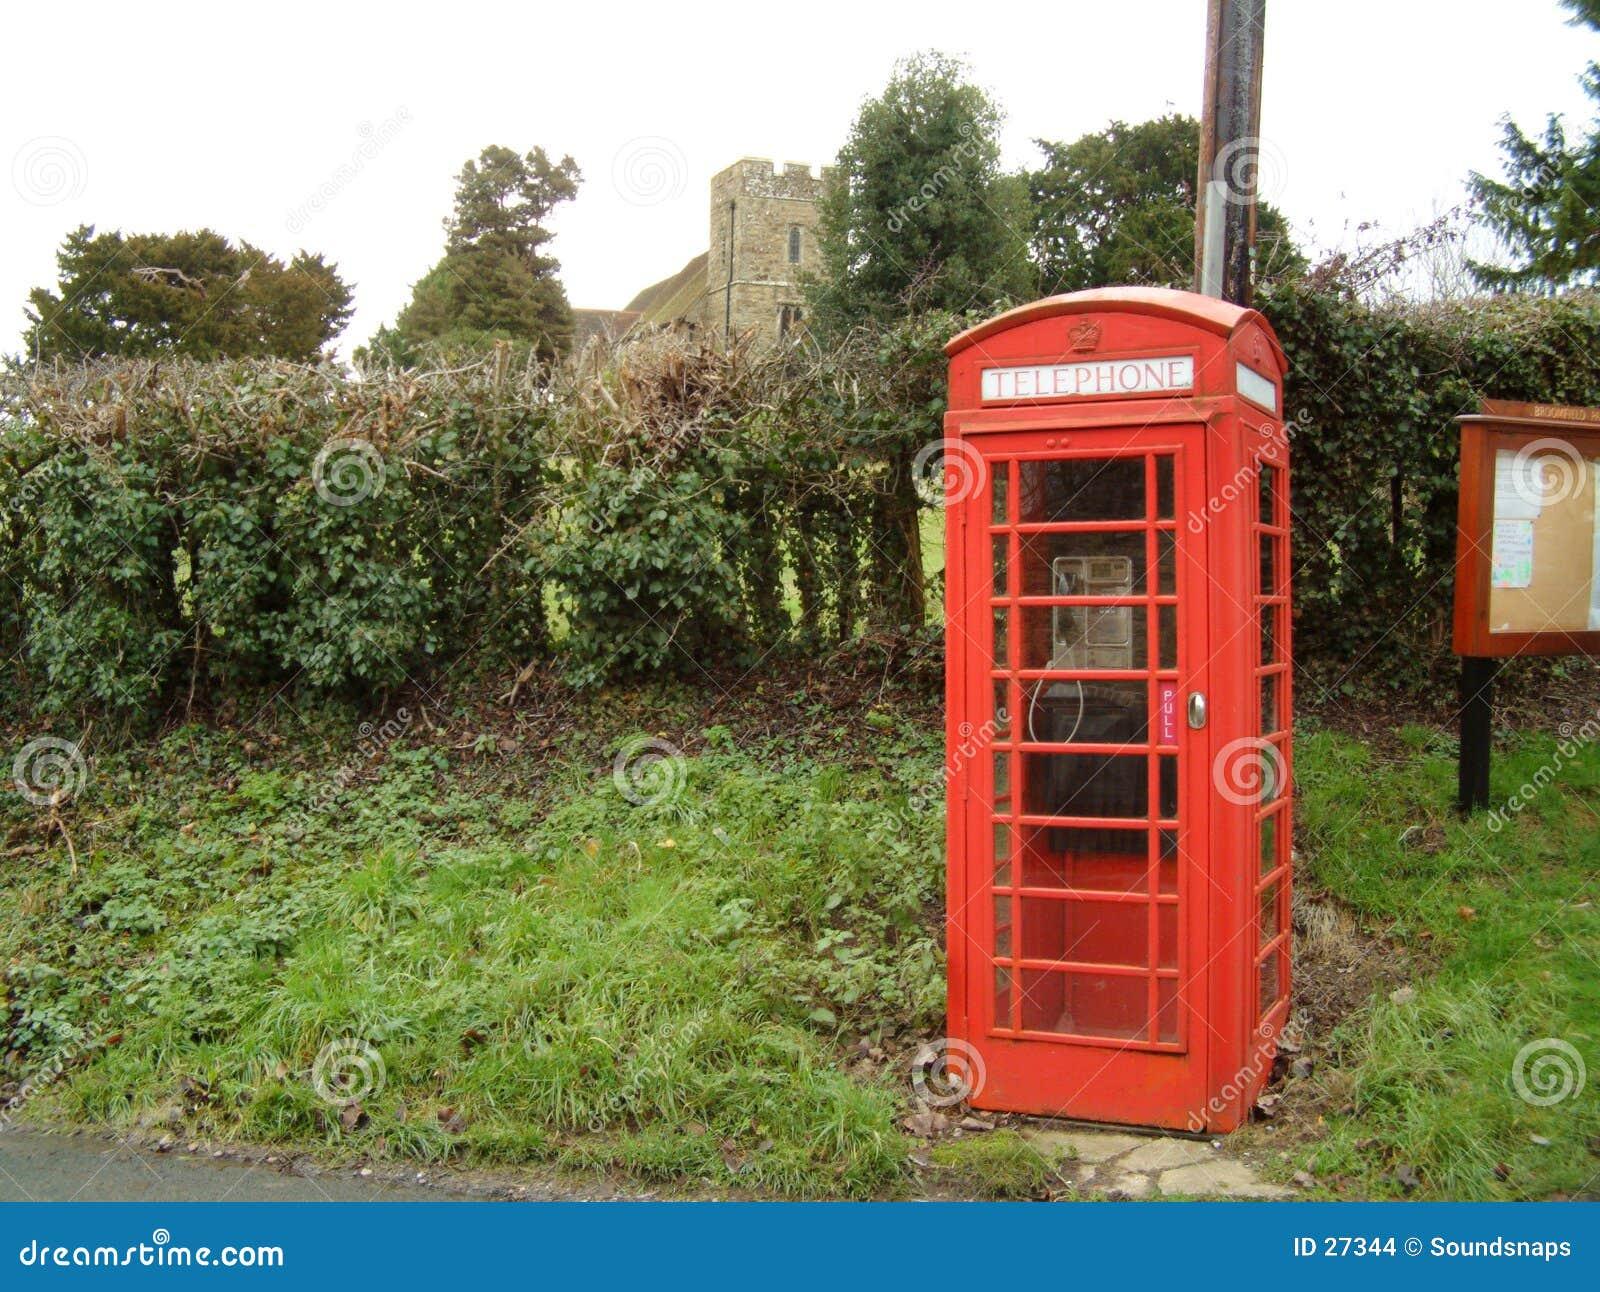 配件箱英语电话